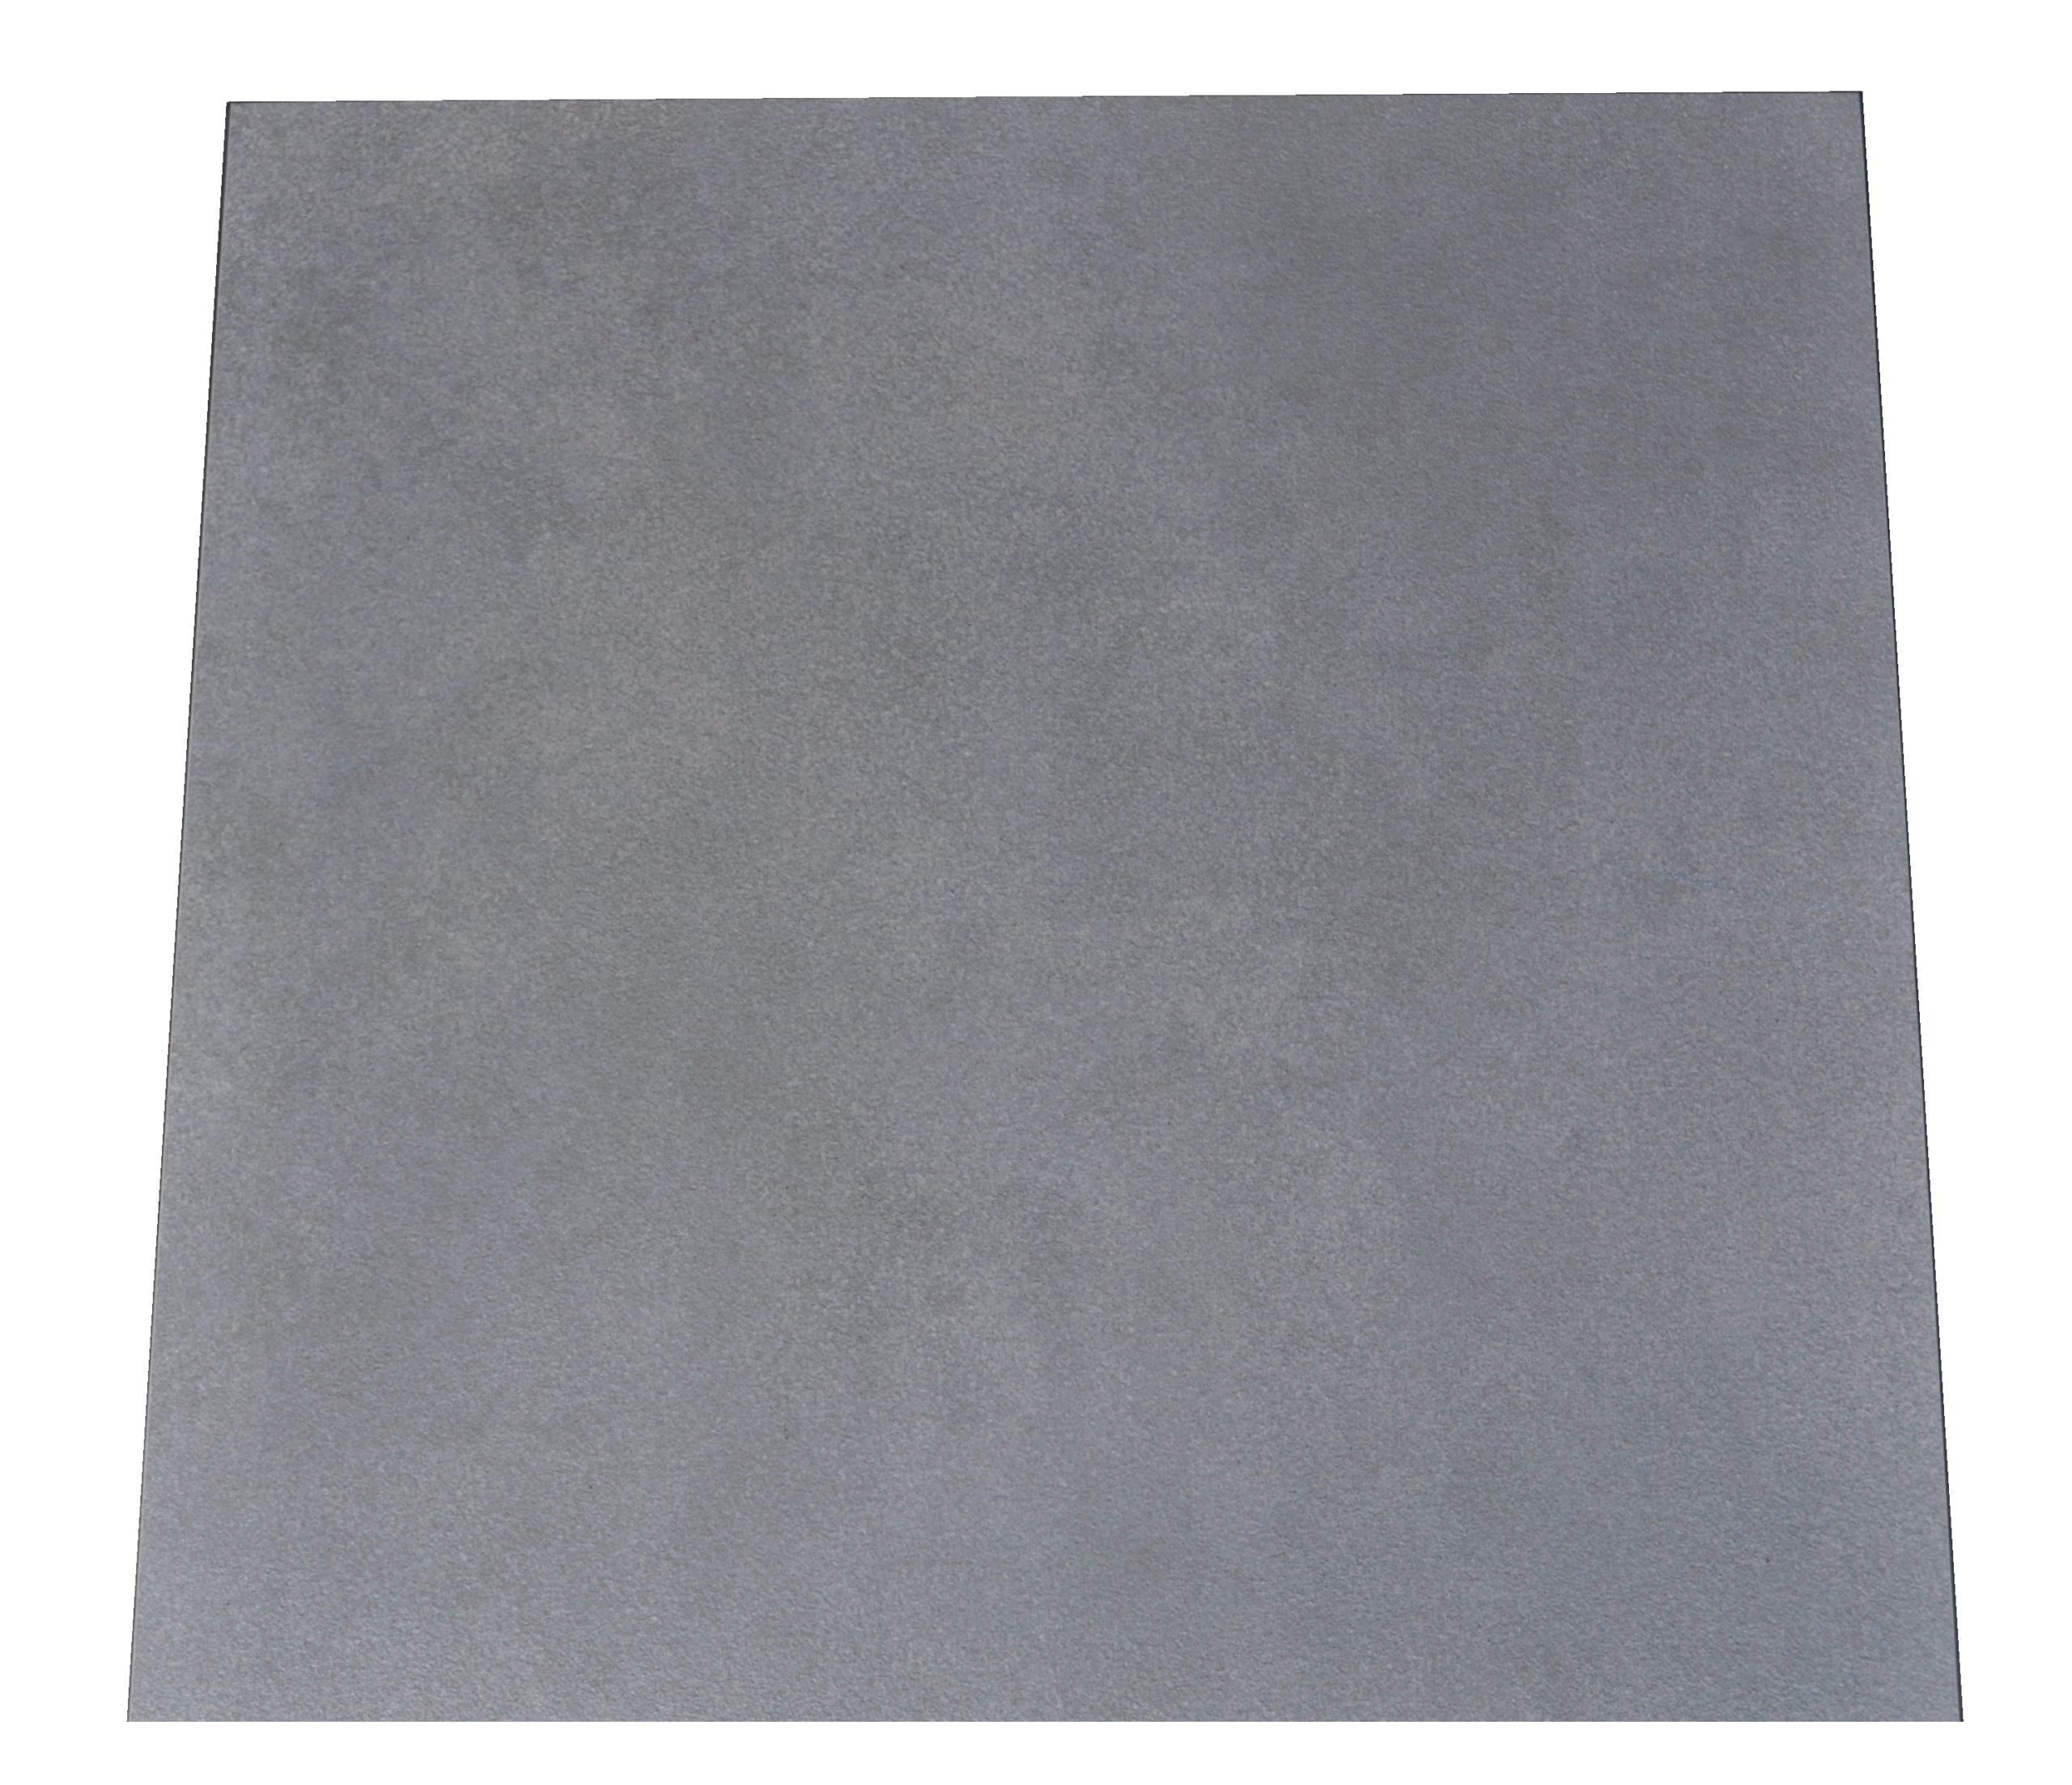 Feinsteinzeug Fliesen - 60x60x1cm